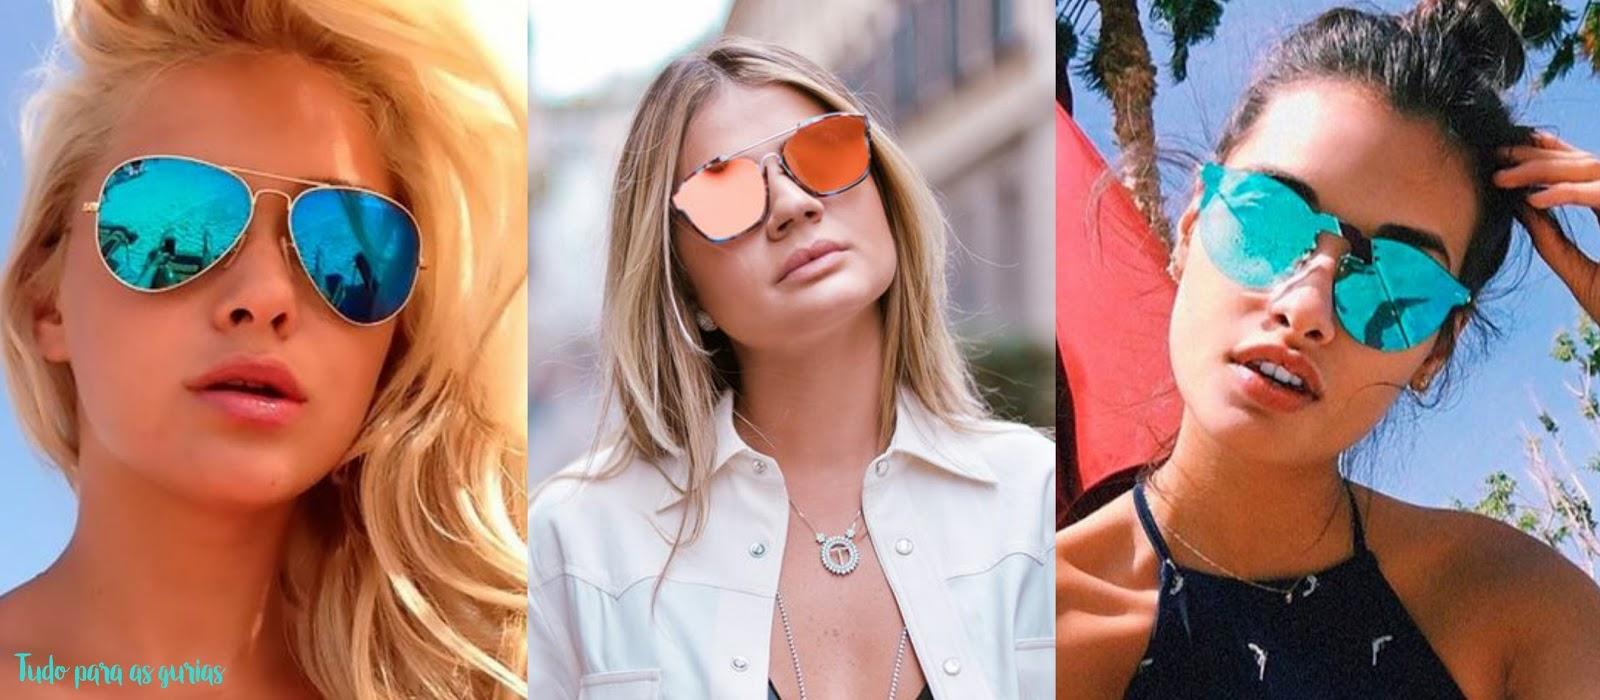 Tendência: Os óculos de sol mais queridinhos do momento.